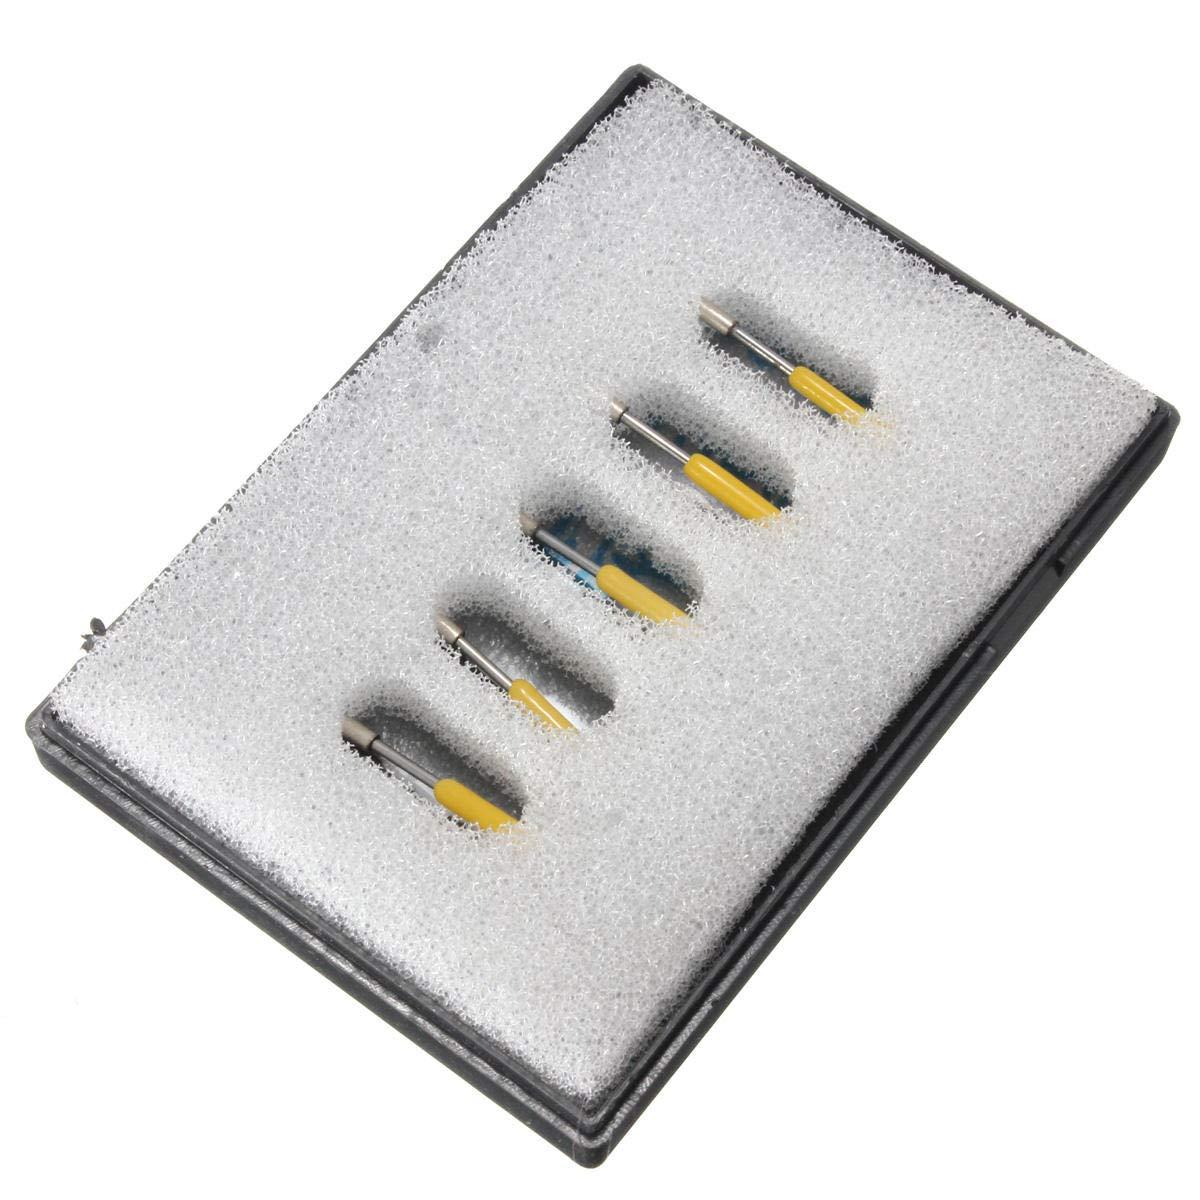 GIlH 5pcs 30 Grado de corte plotter de corte de vinilo cuchillo cuchillas de desplazamiento para Graphtec CB09 con muelles: Amazon.es: Bricolaje y herramientas